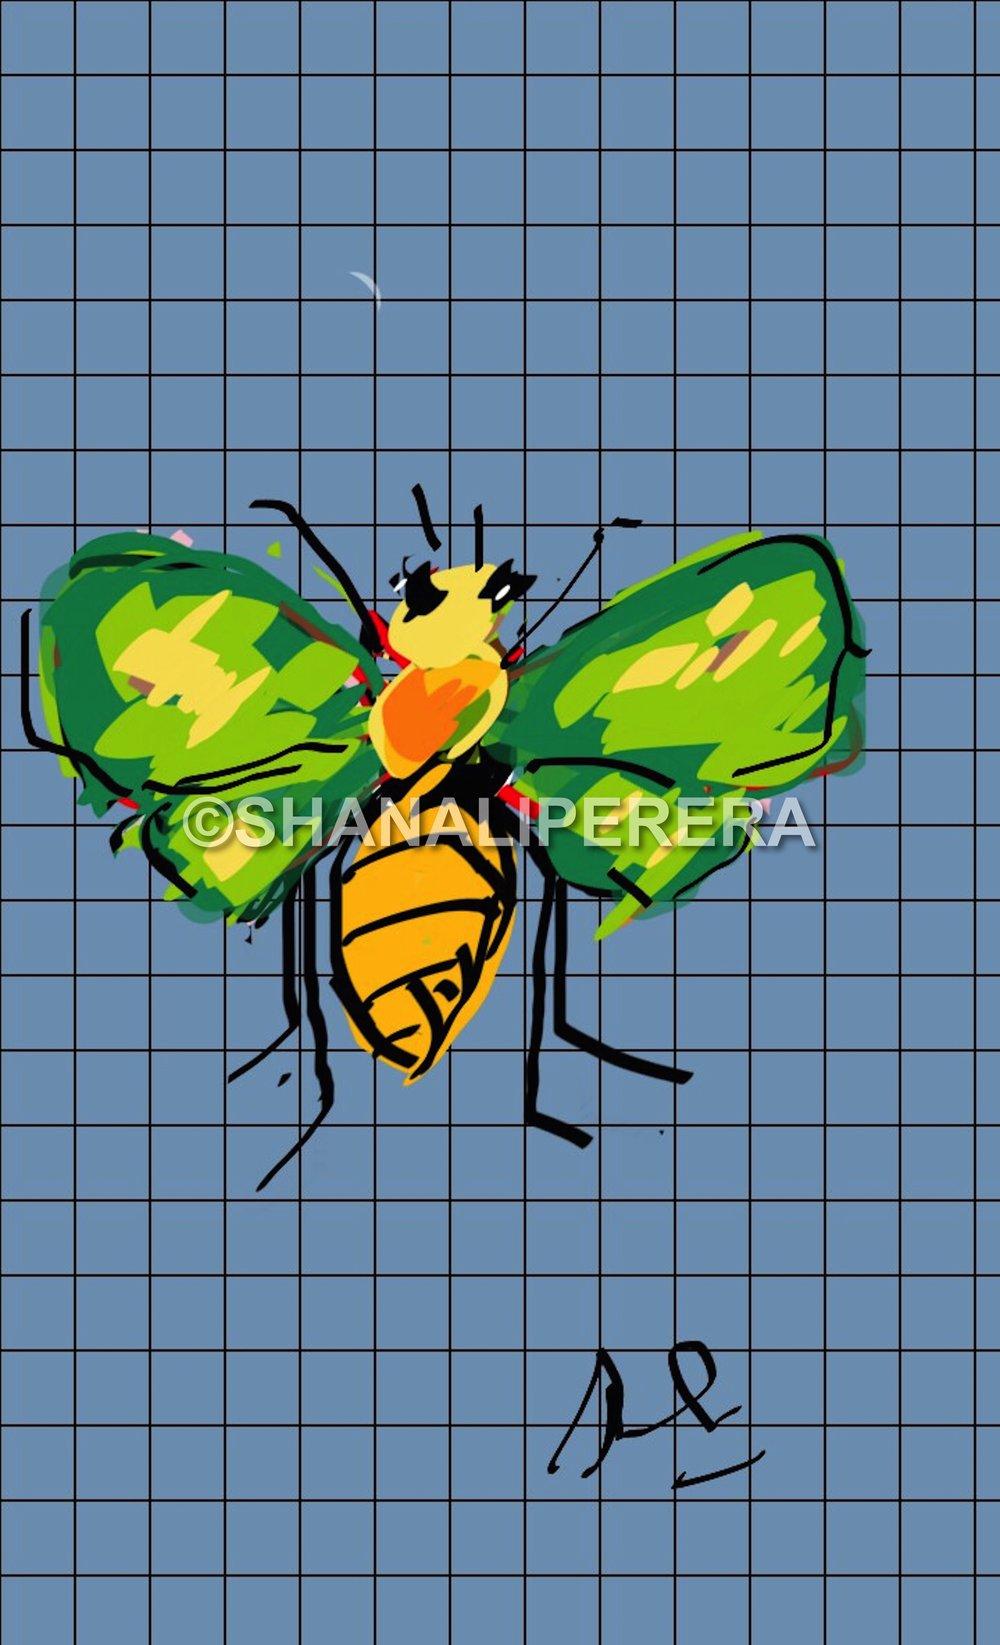 sketch-1433005465066.jpg